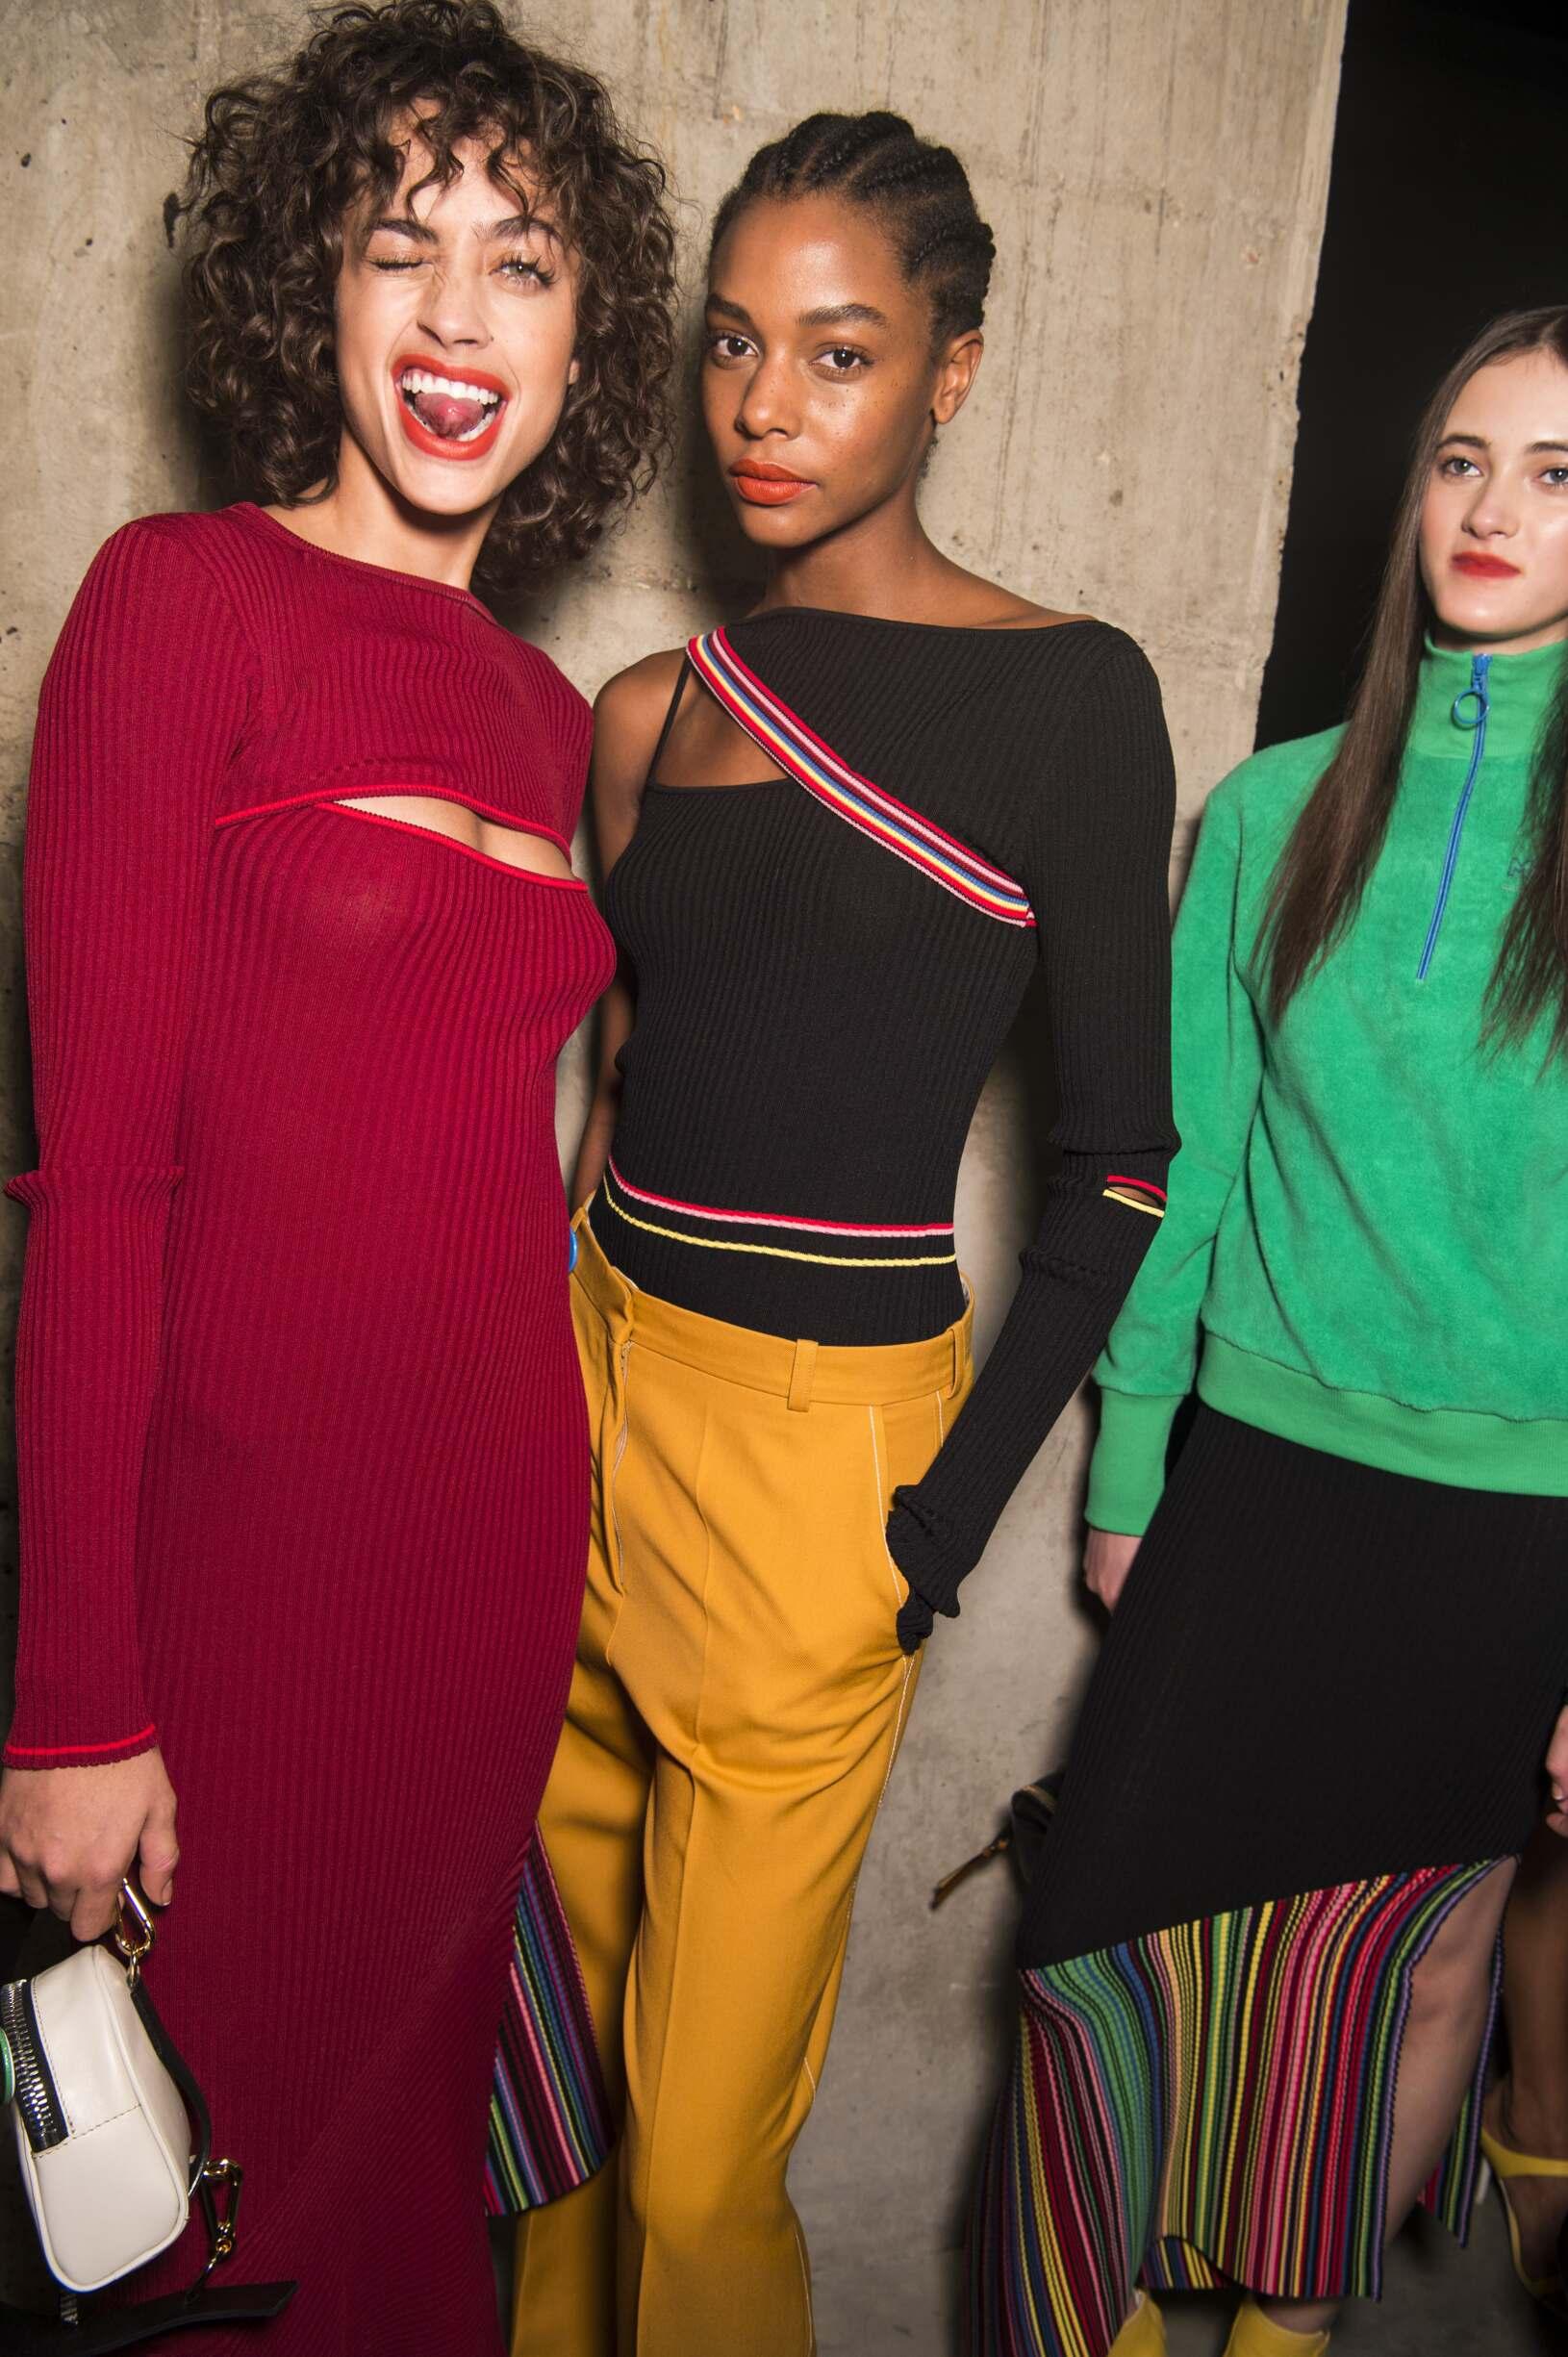 Backstage Topshop Unique Fashion Show Models